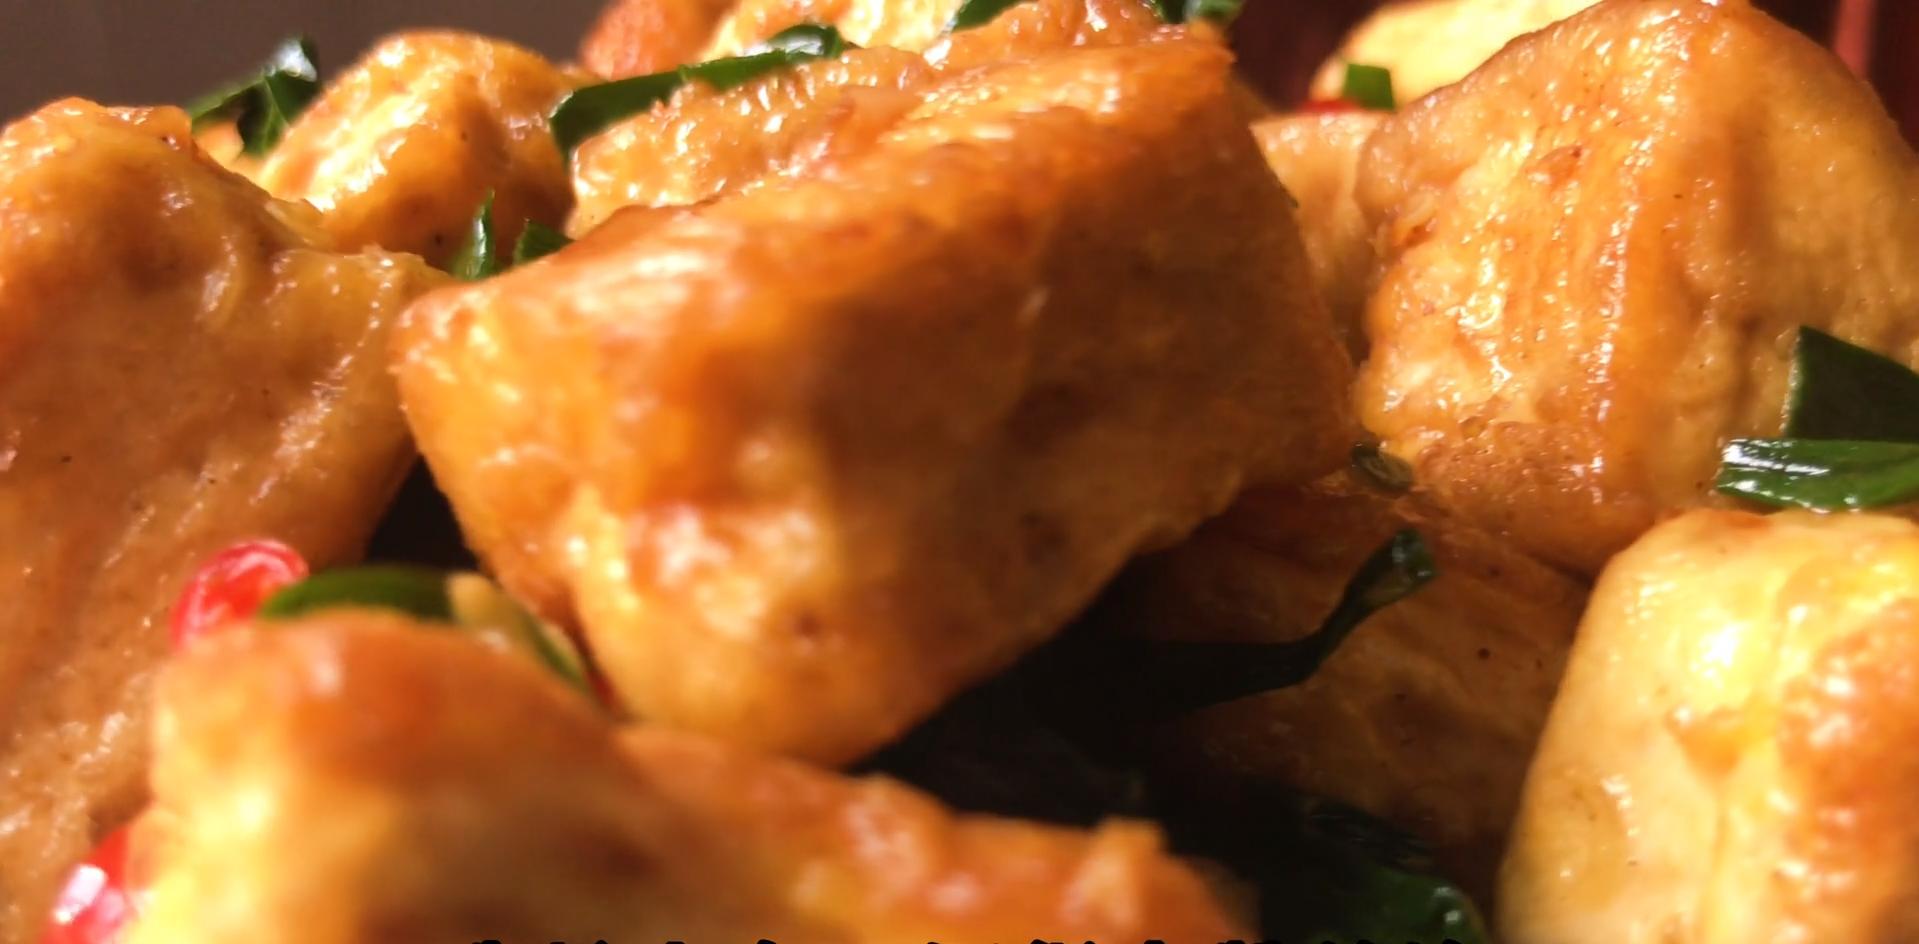 这才是豆腐最好吃的做法,简单易做,比麻婆豆腐好吃,上桌就光盘 美食做法 第17张